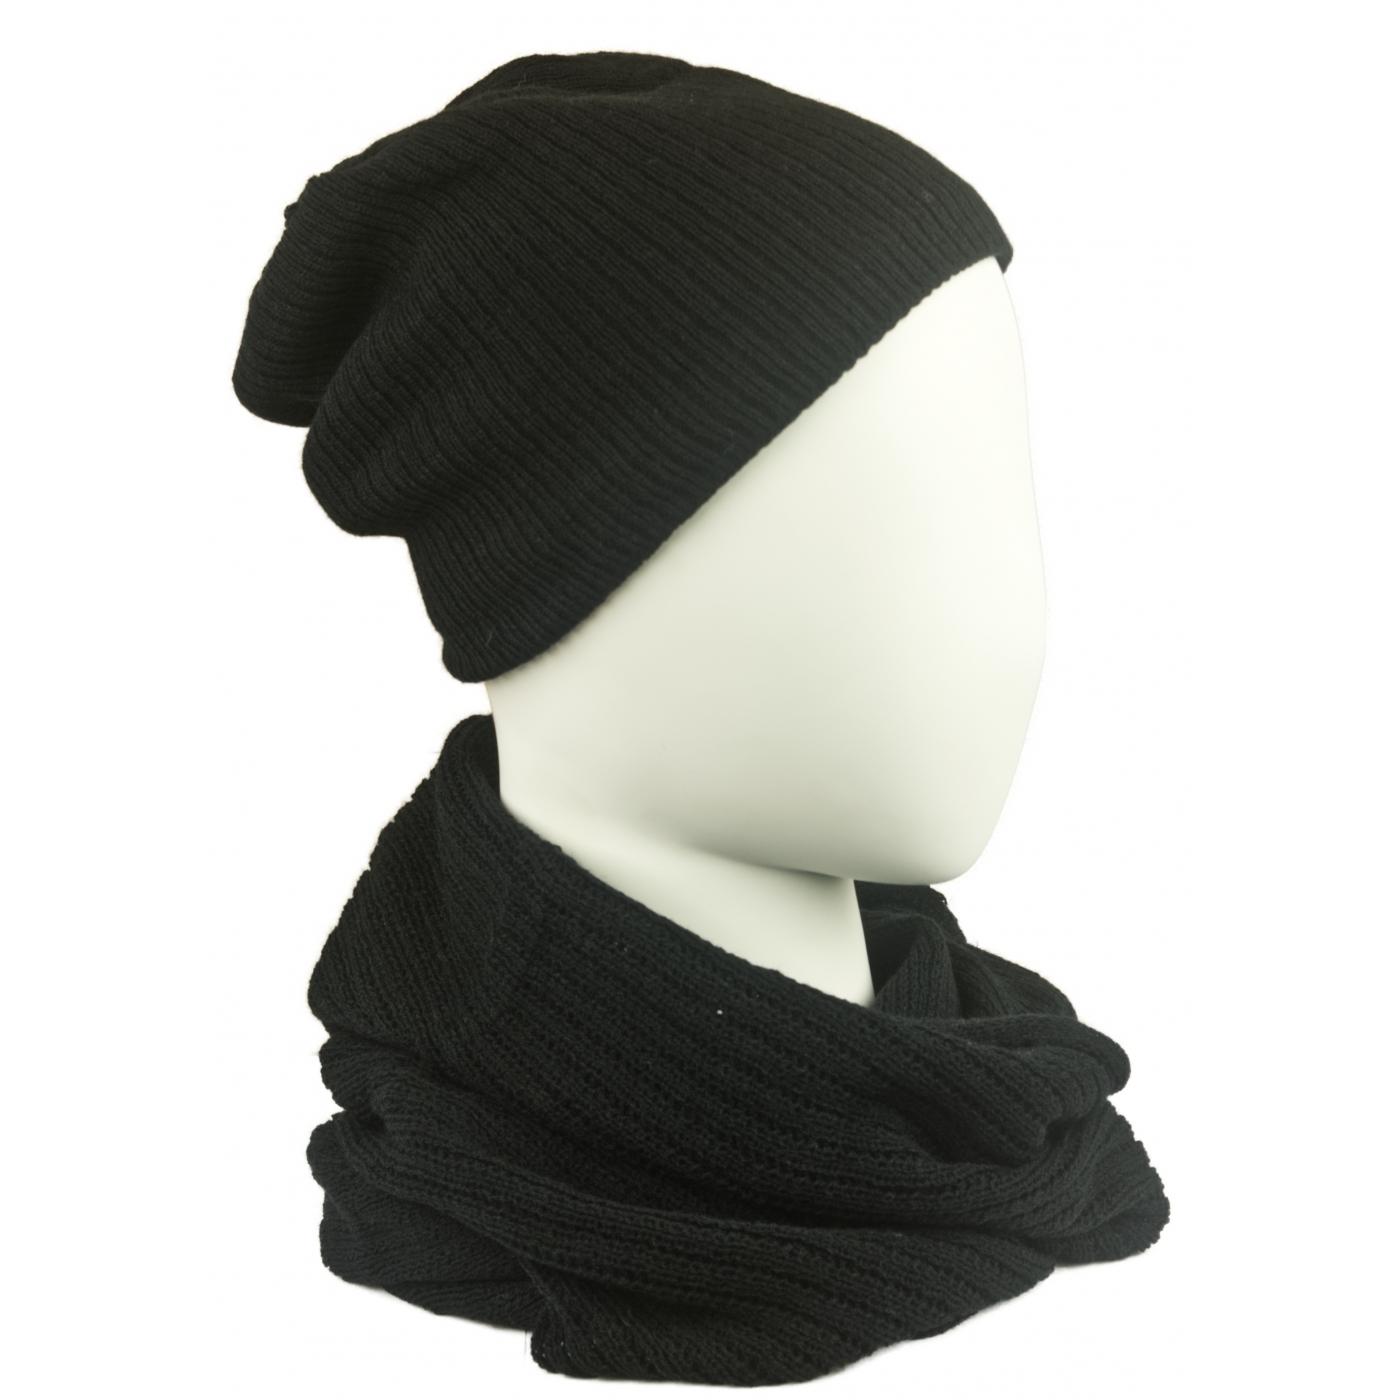 Komplet damski czapka na polarze i komin - czarny